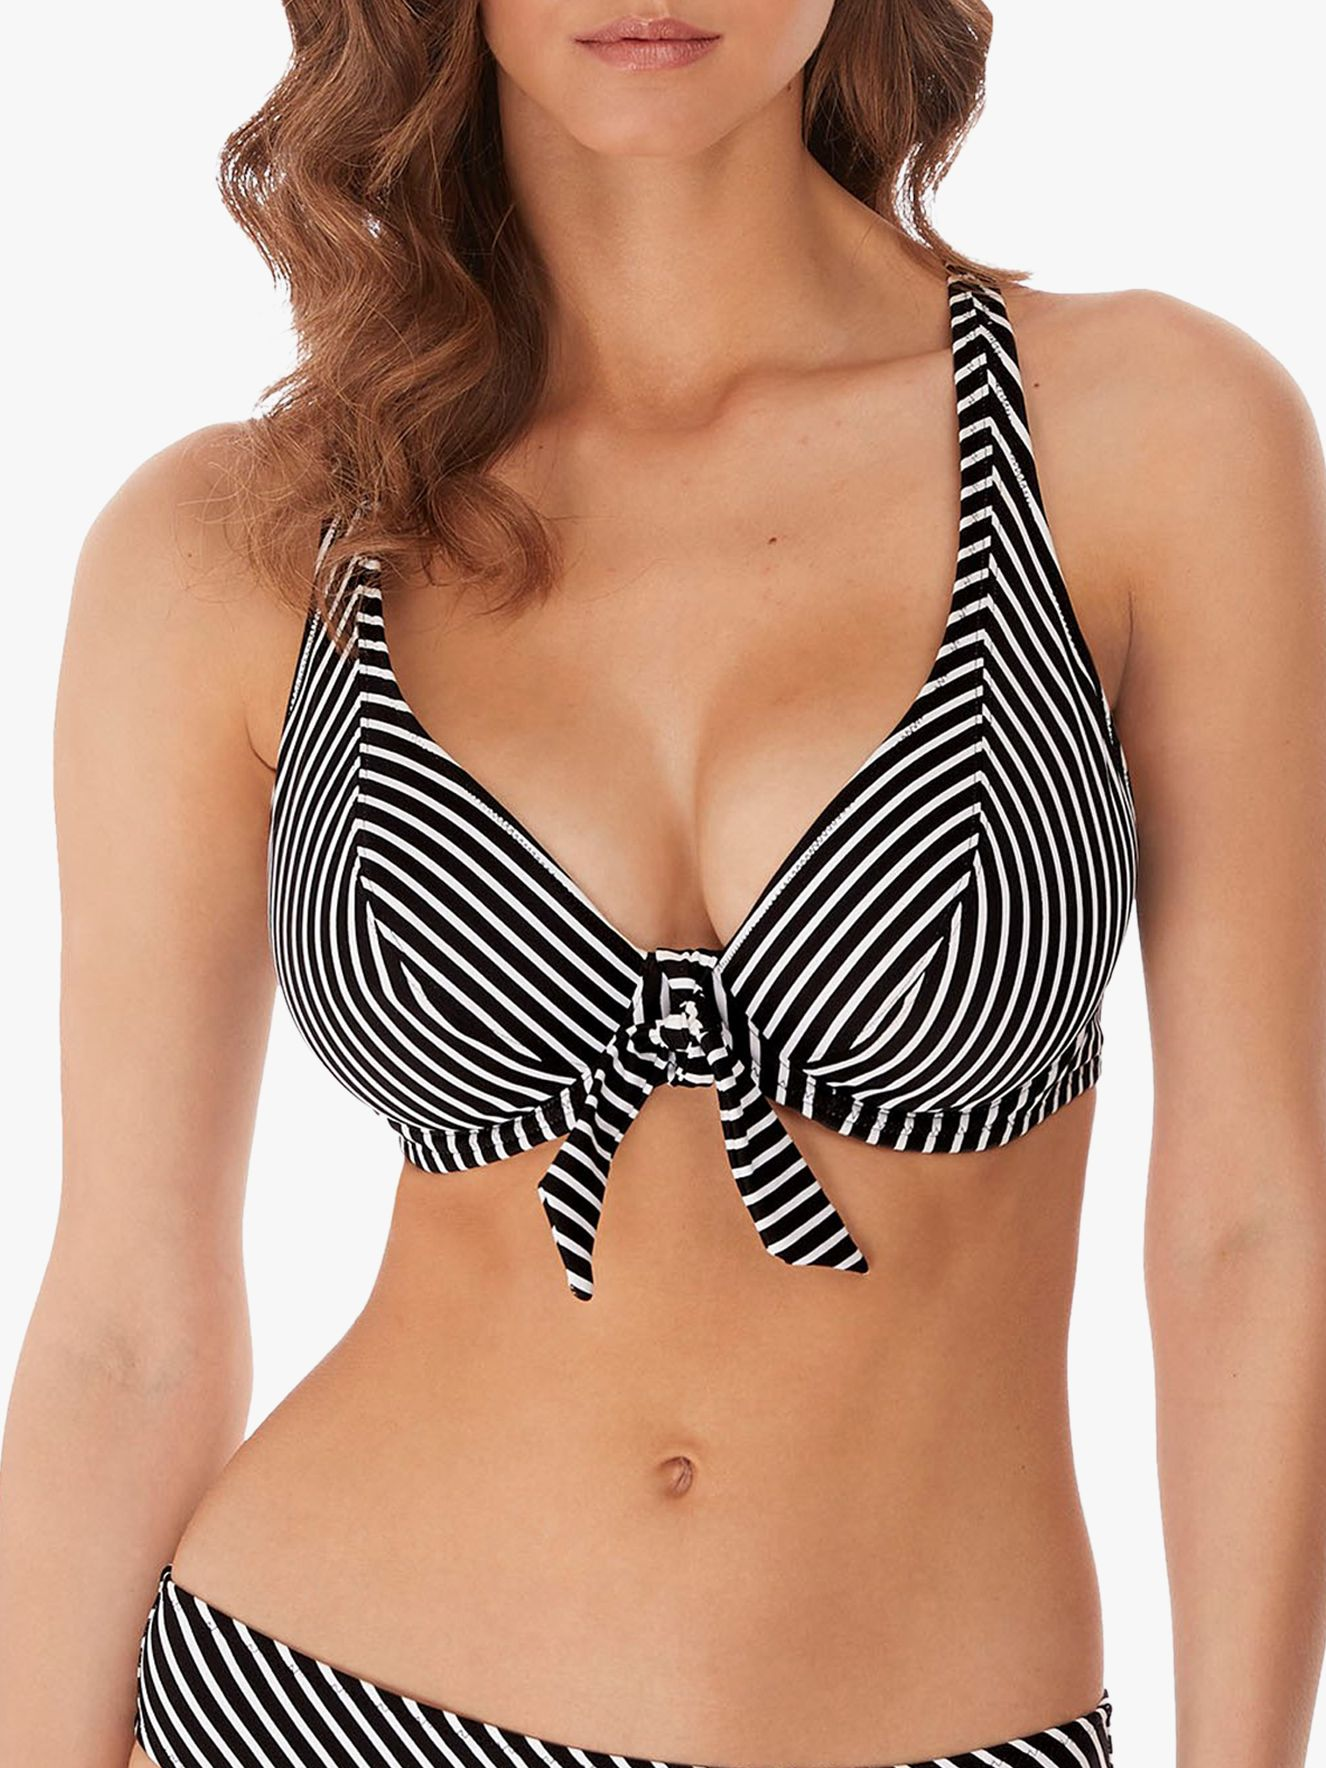 Freya Freya Beach Hut Bikini Top, Black